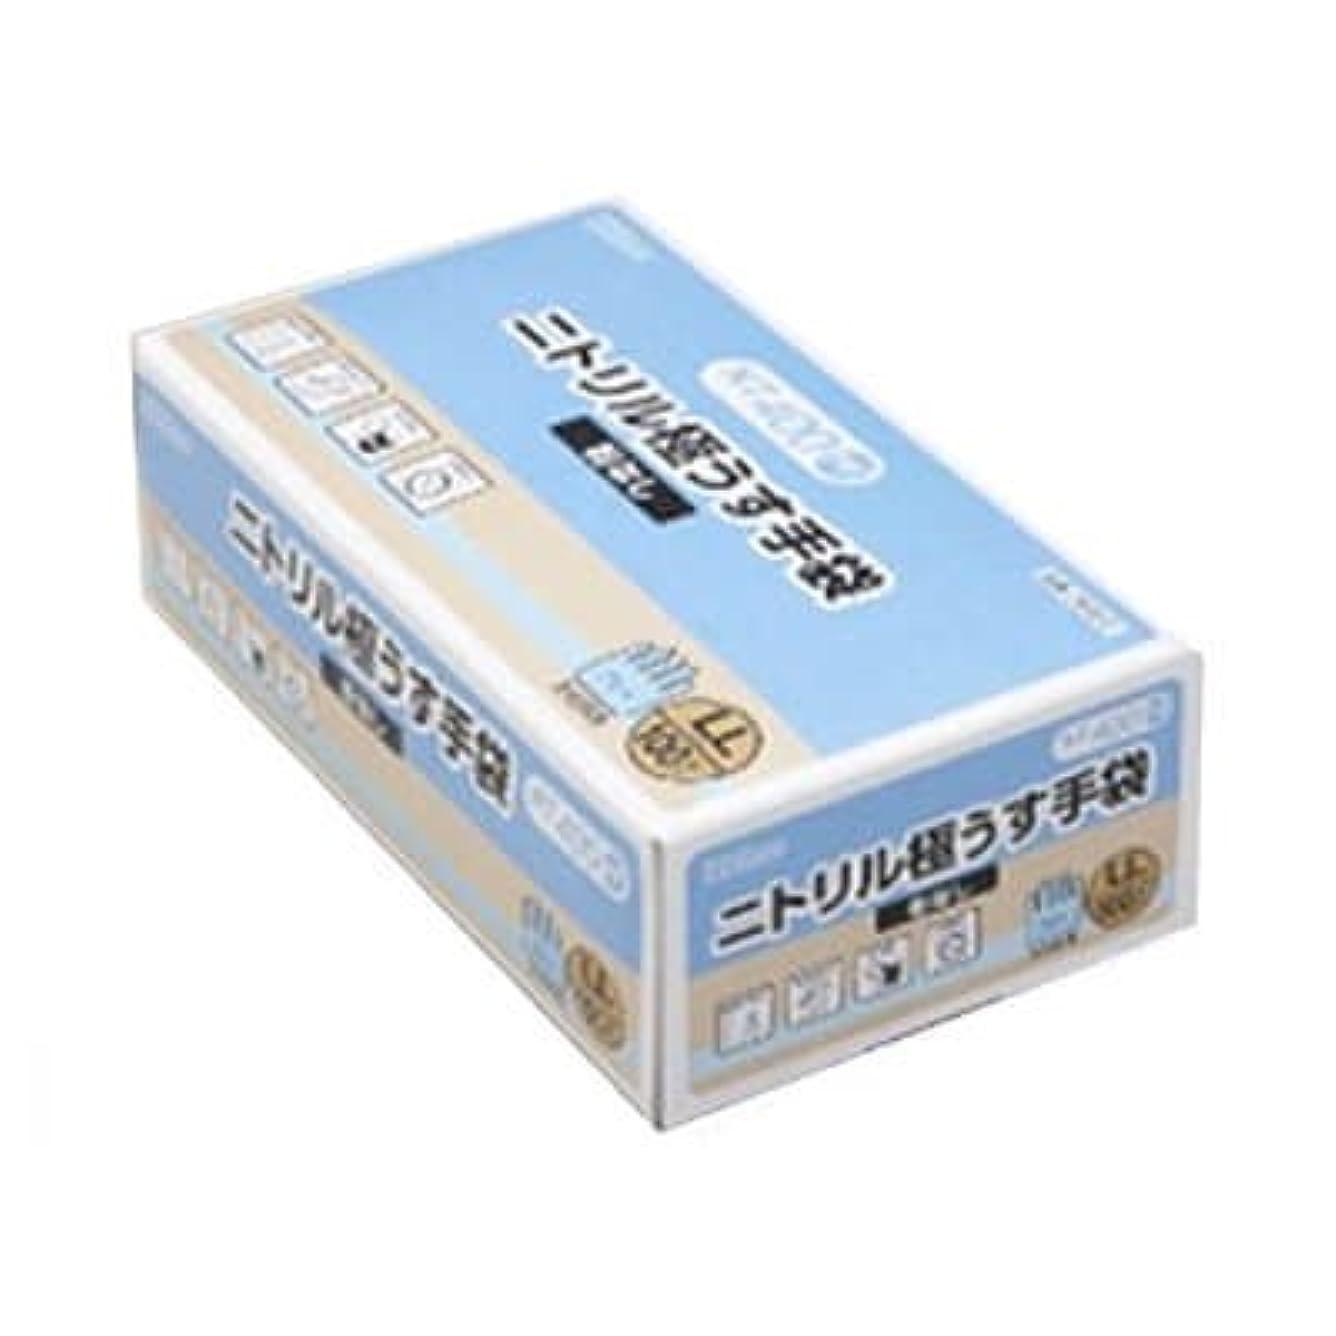 迷信資源公【ケース販売】 ダンロップ ニトリル極うす手袋 粉無 LL ブルー NT-400 (100枚入×20箱)